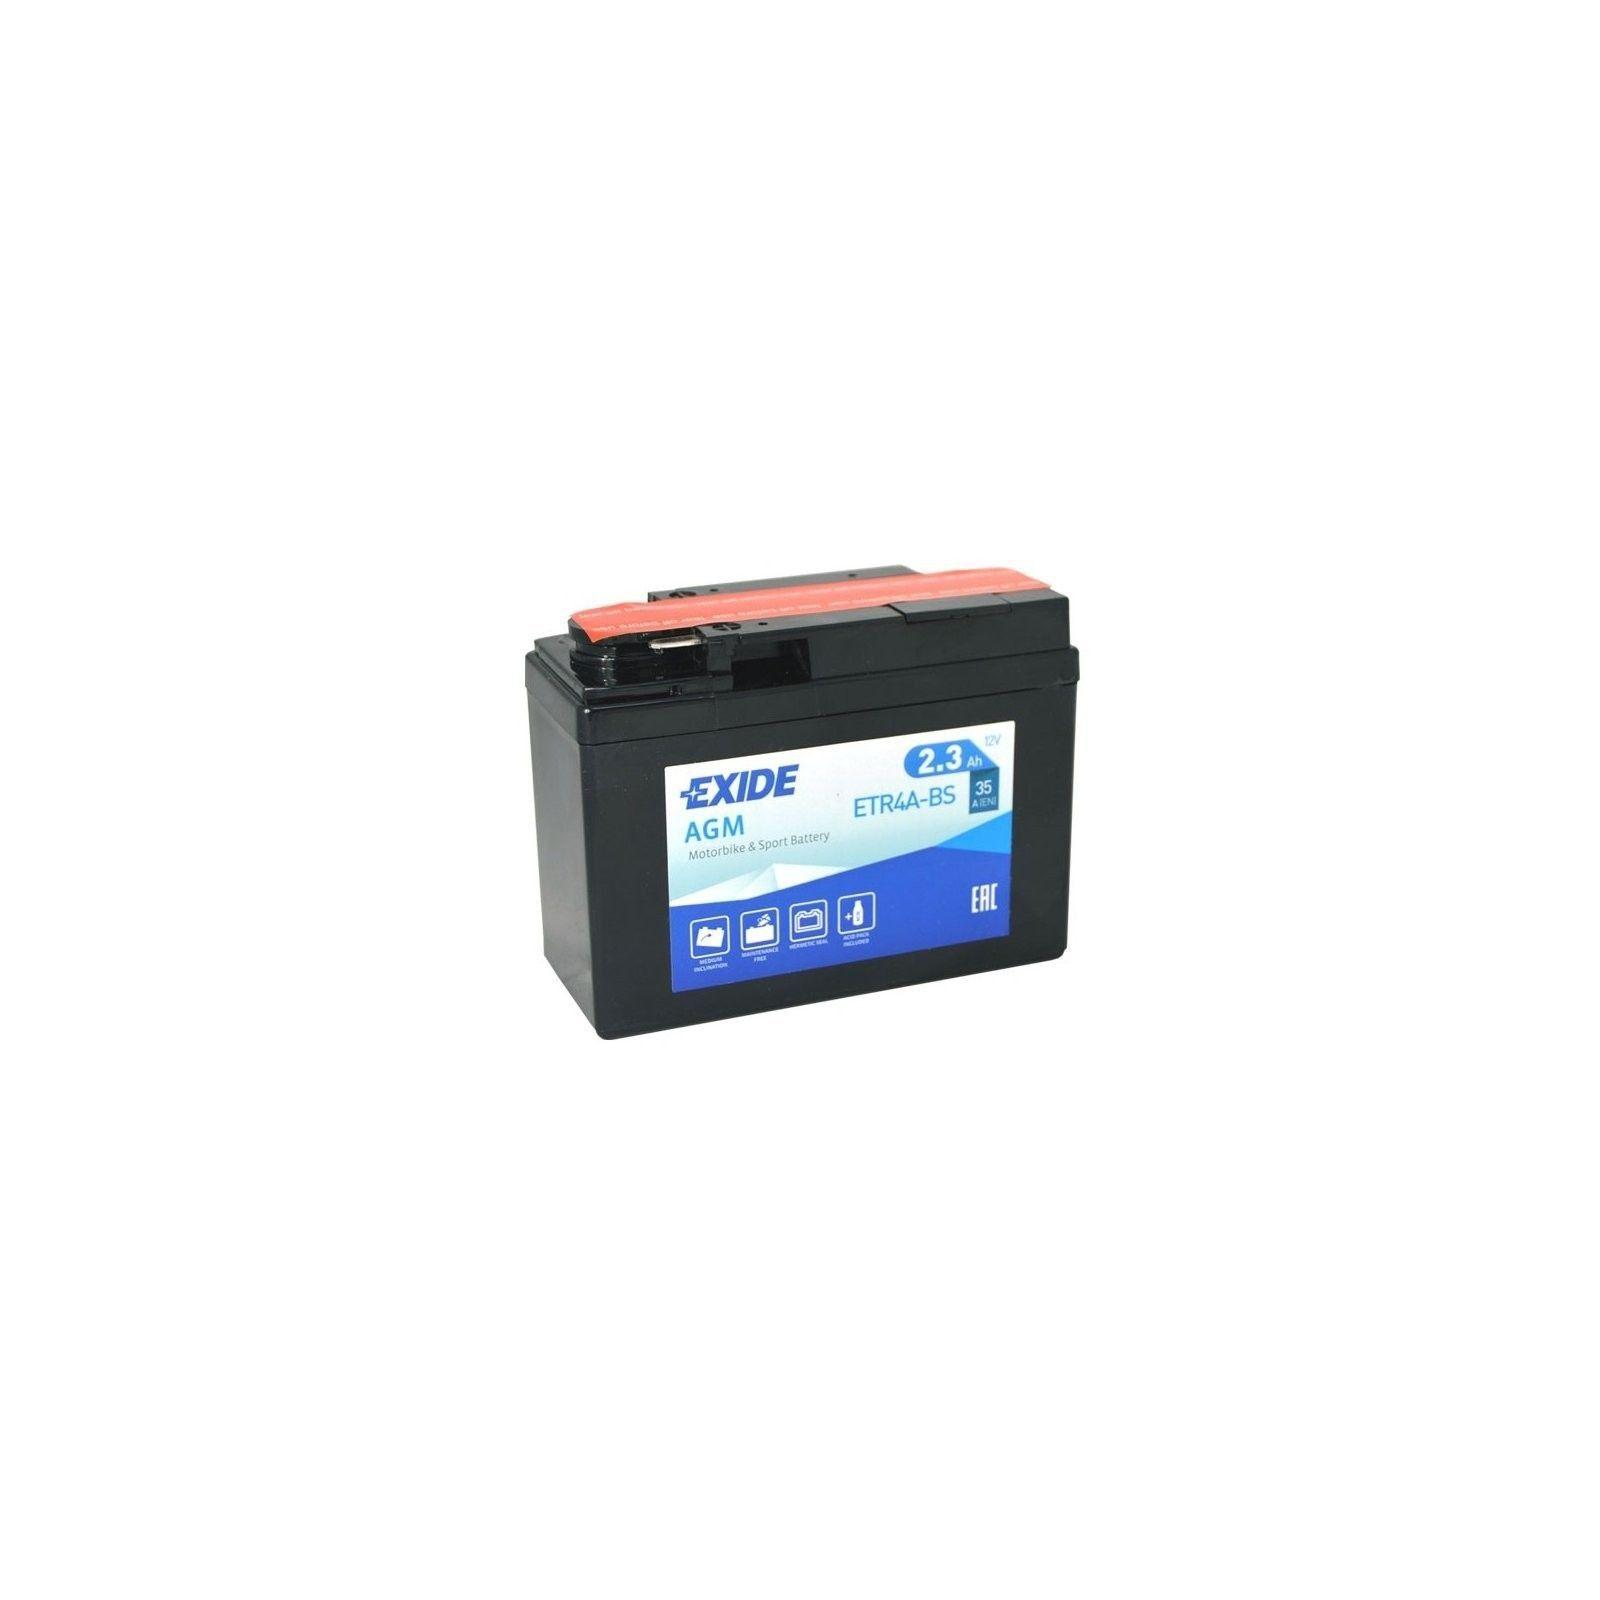 Batería Exide ETR4A-BS 2,3Ah 35A 12V Bike 12V Agm EXIDE - 1